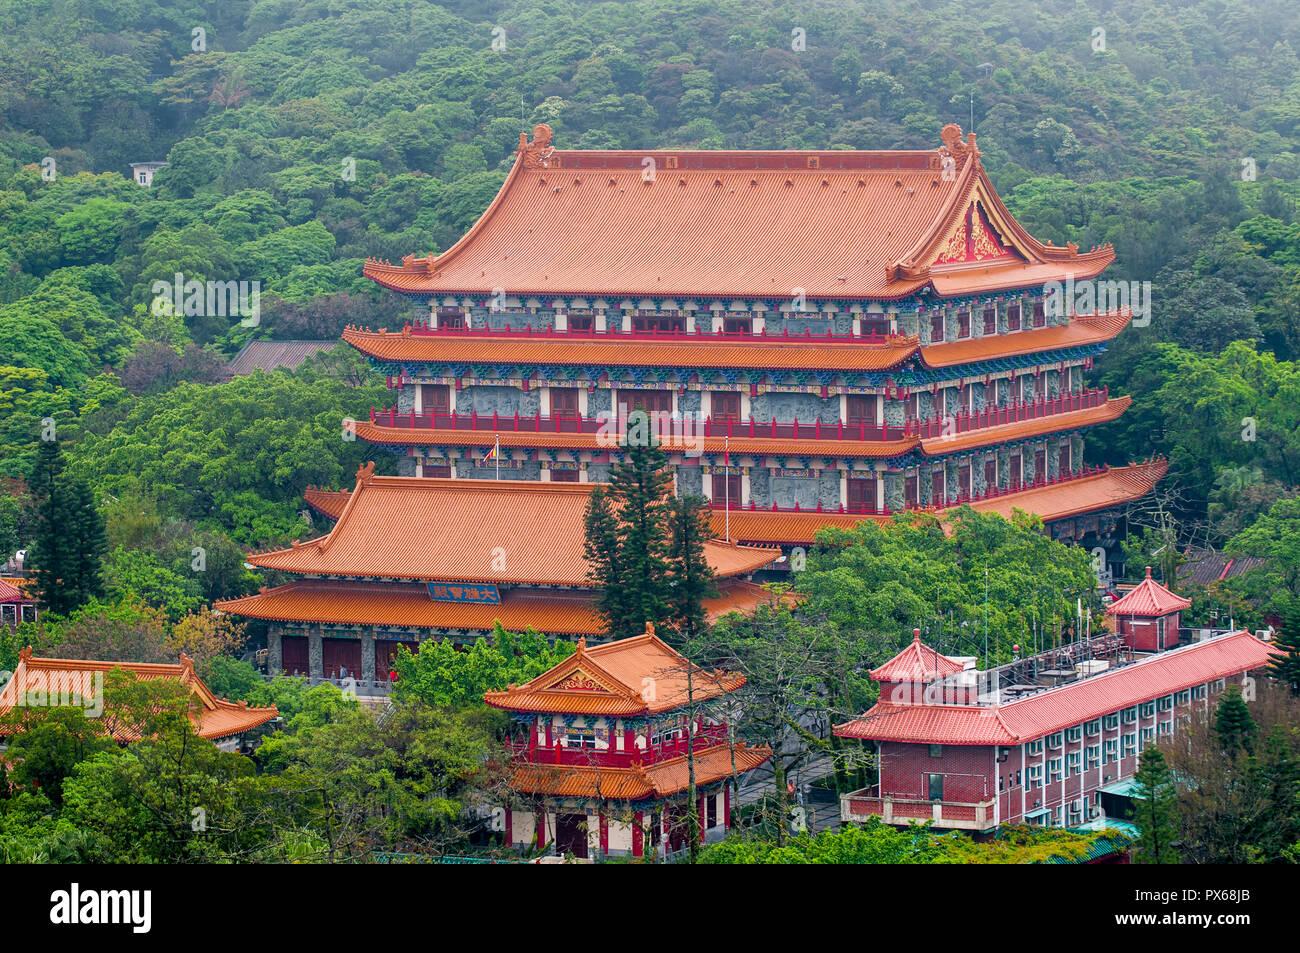 Grand Hall of Ten Thousand Buddhas at the The Big Buddha and Po Lin Monastery, Lantau Island, Hong Kong, China. - Stock Image